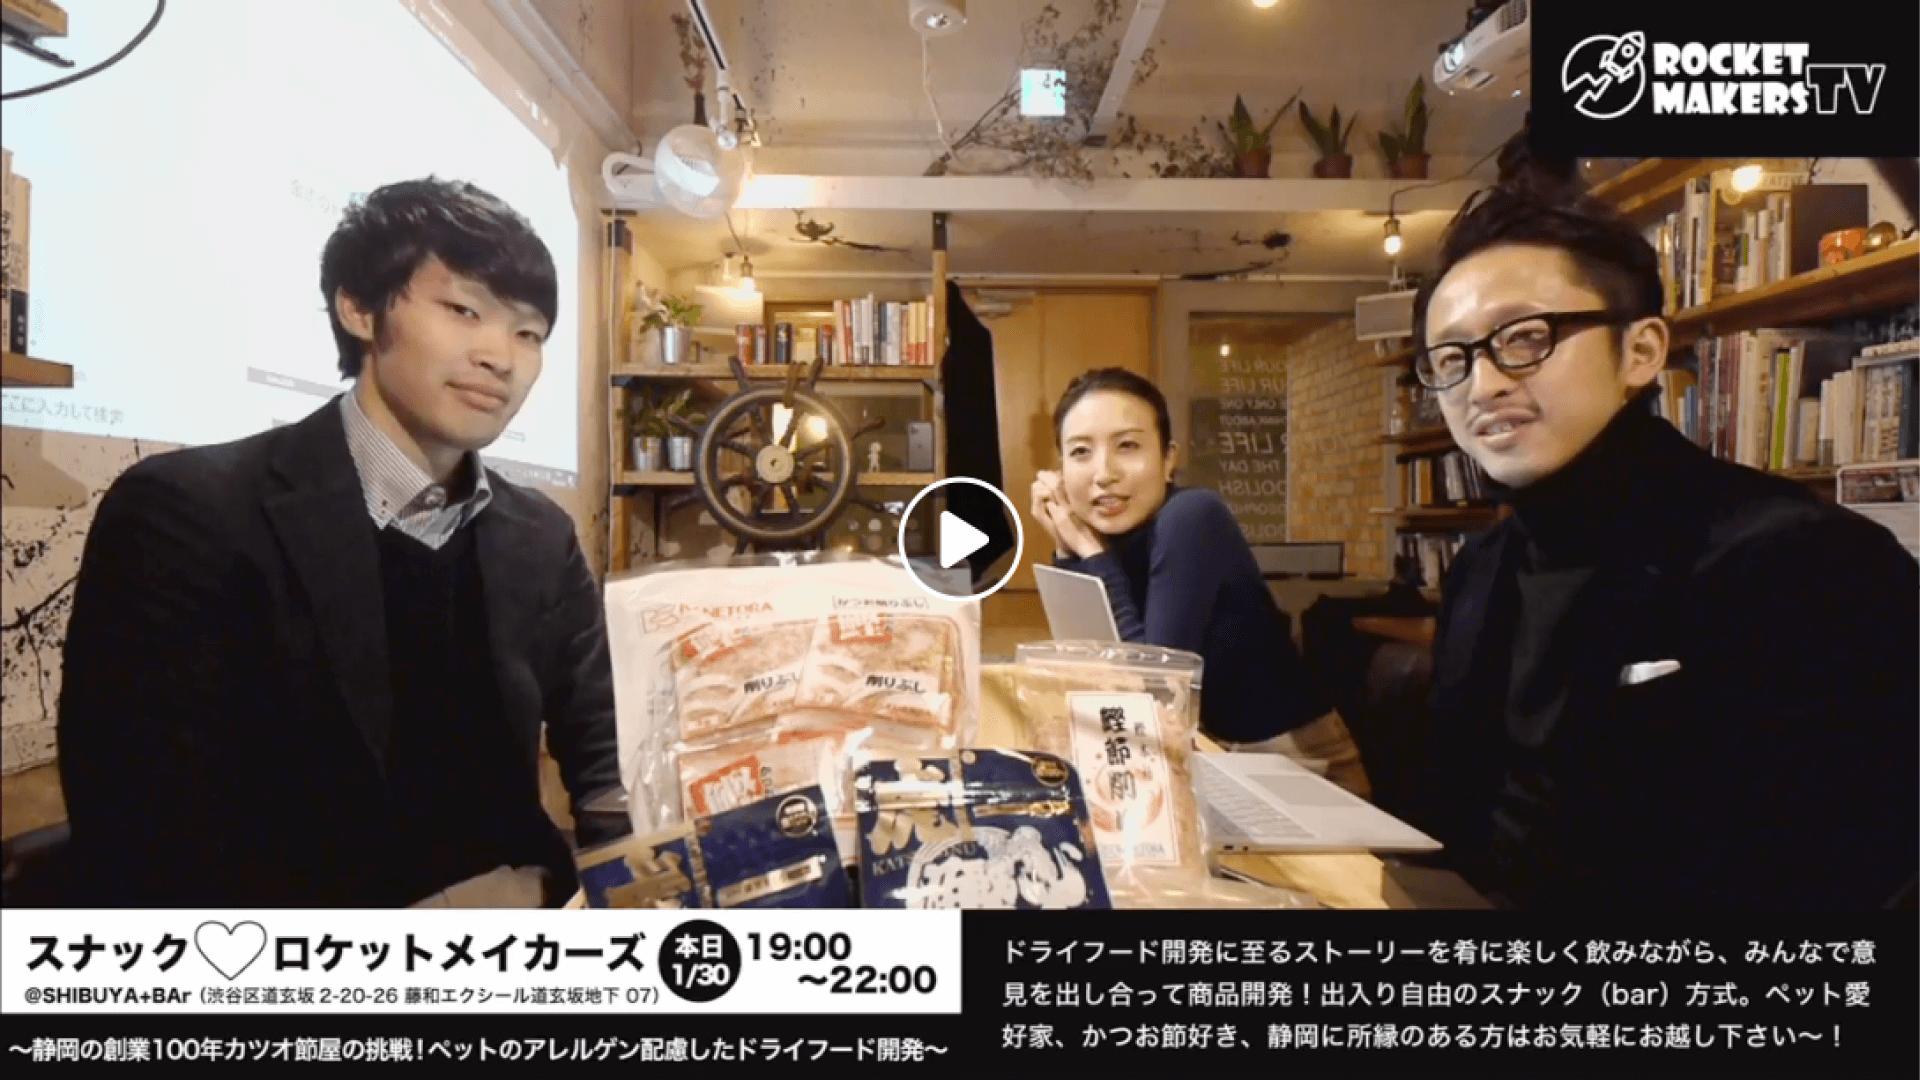 【第4回】静岡の操業100年カツオ節屋の挑戦!ペットのアレルゲン配慮したドライフード開発